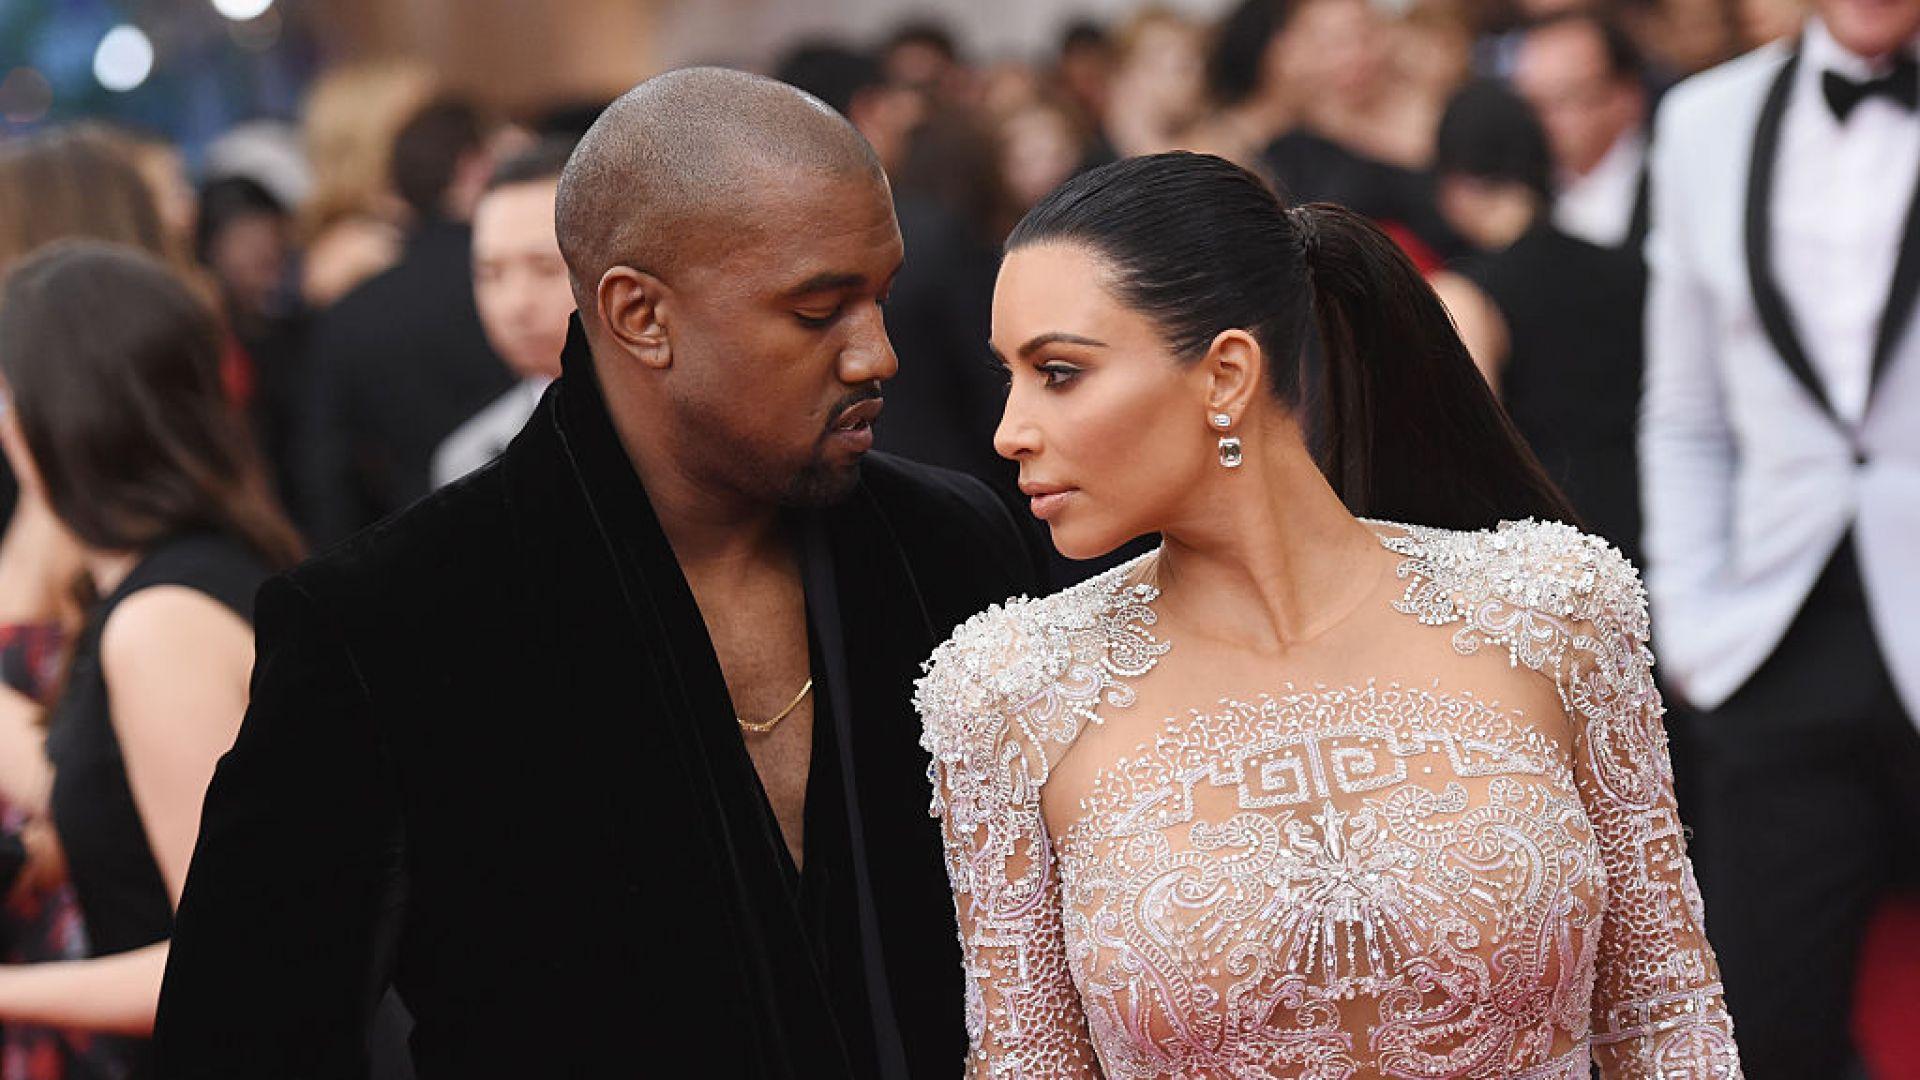 Съдебна справка потвърди: Ким Кардашиян подала молба за развод с Кание Уест